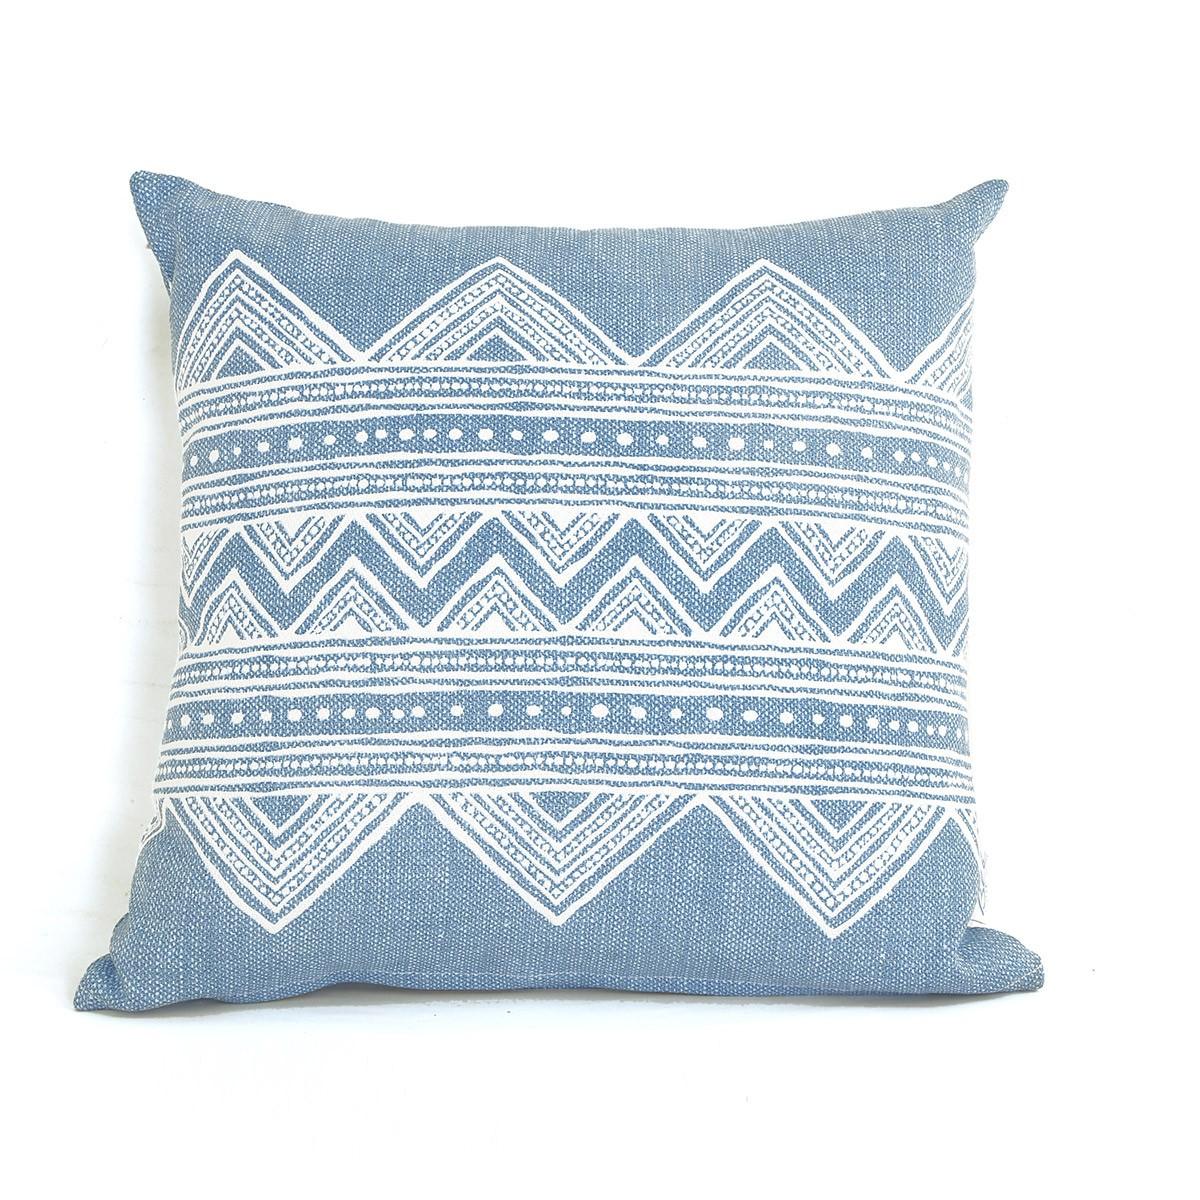 Διακοσμητικό Μαξιλάρι Nef-Nef Blue Ethnic